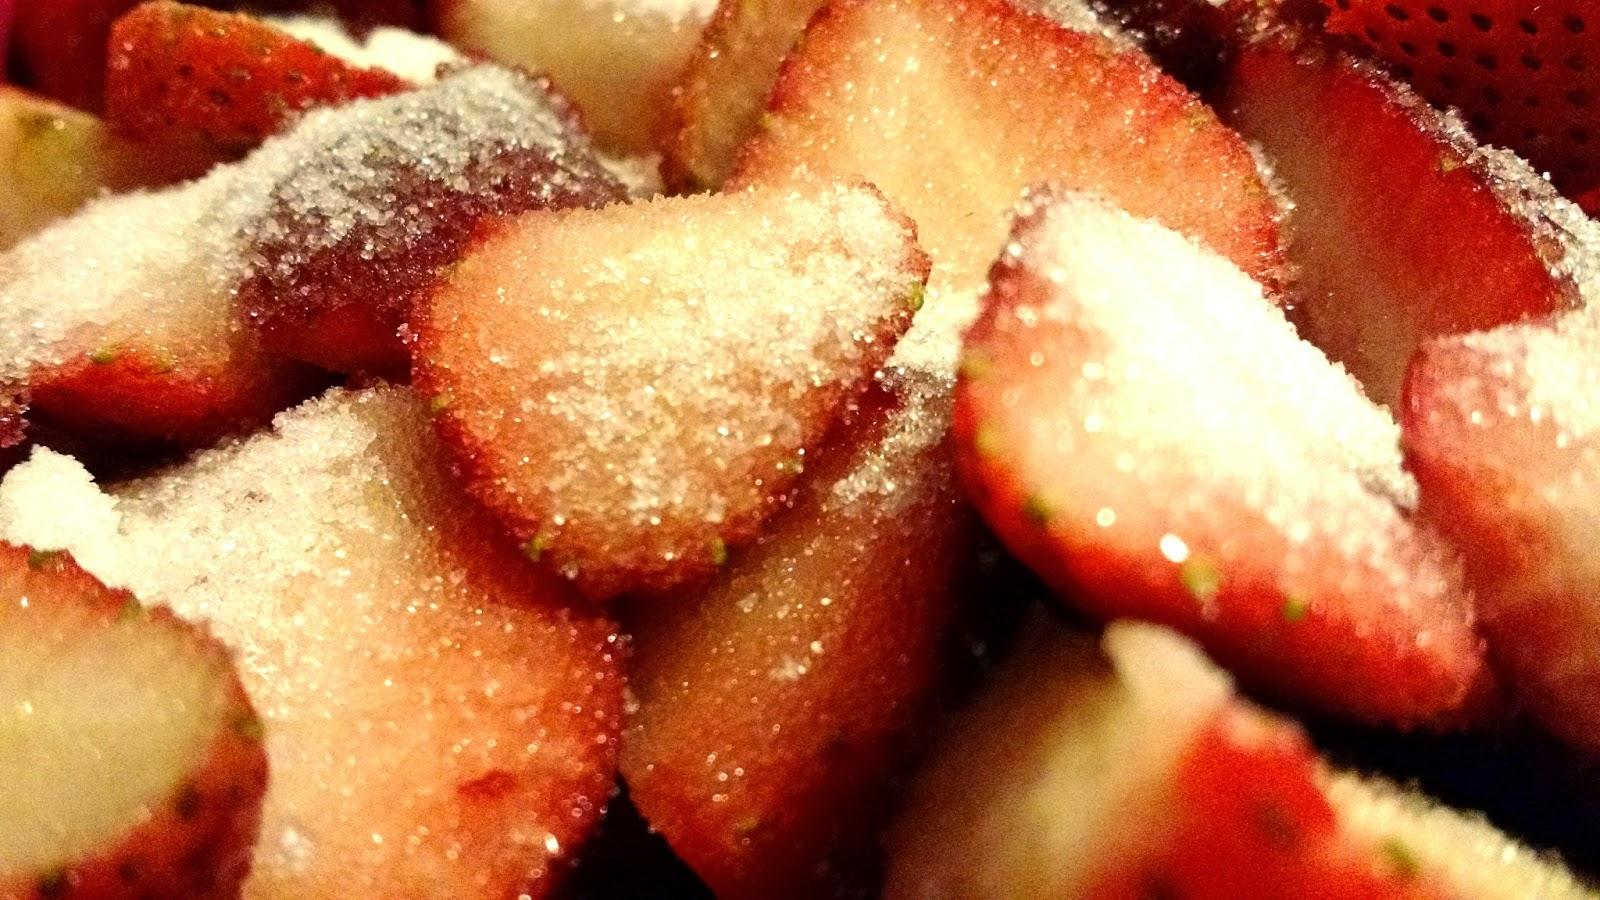 Sugary strawberries